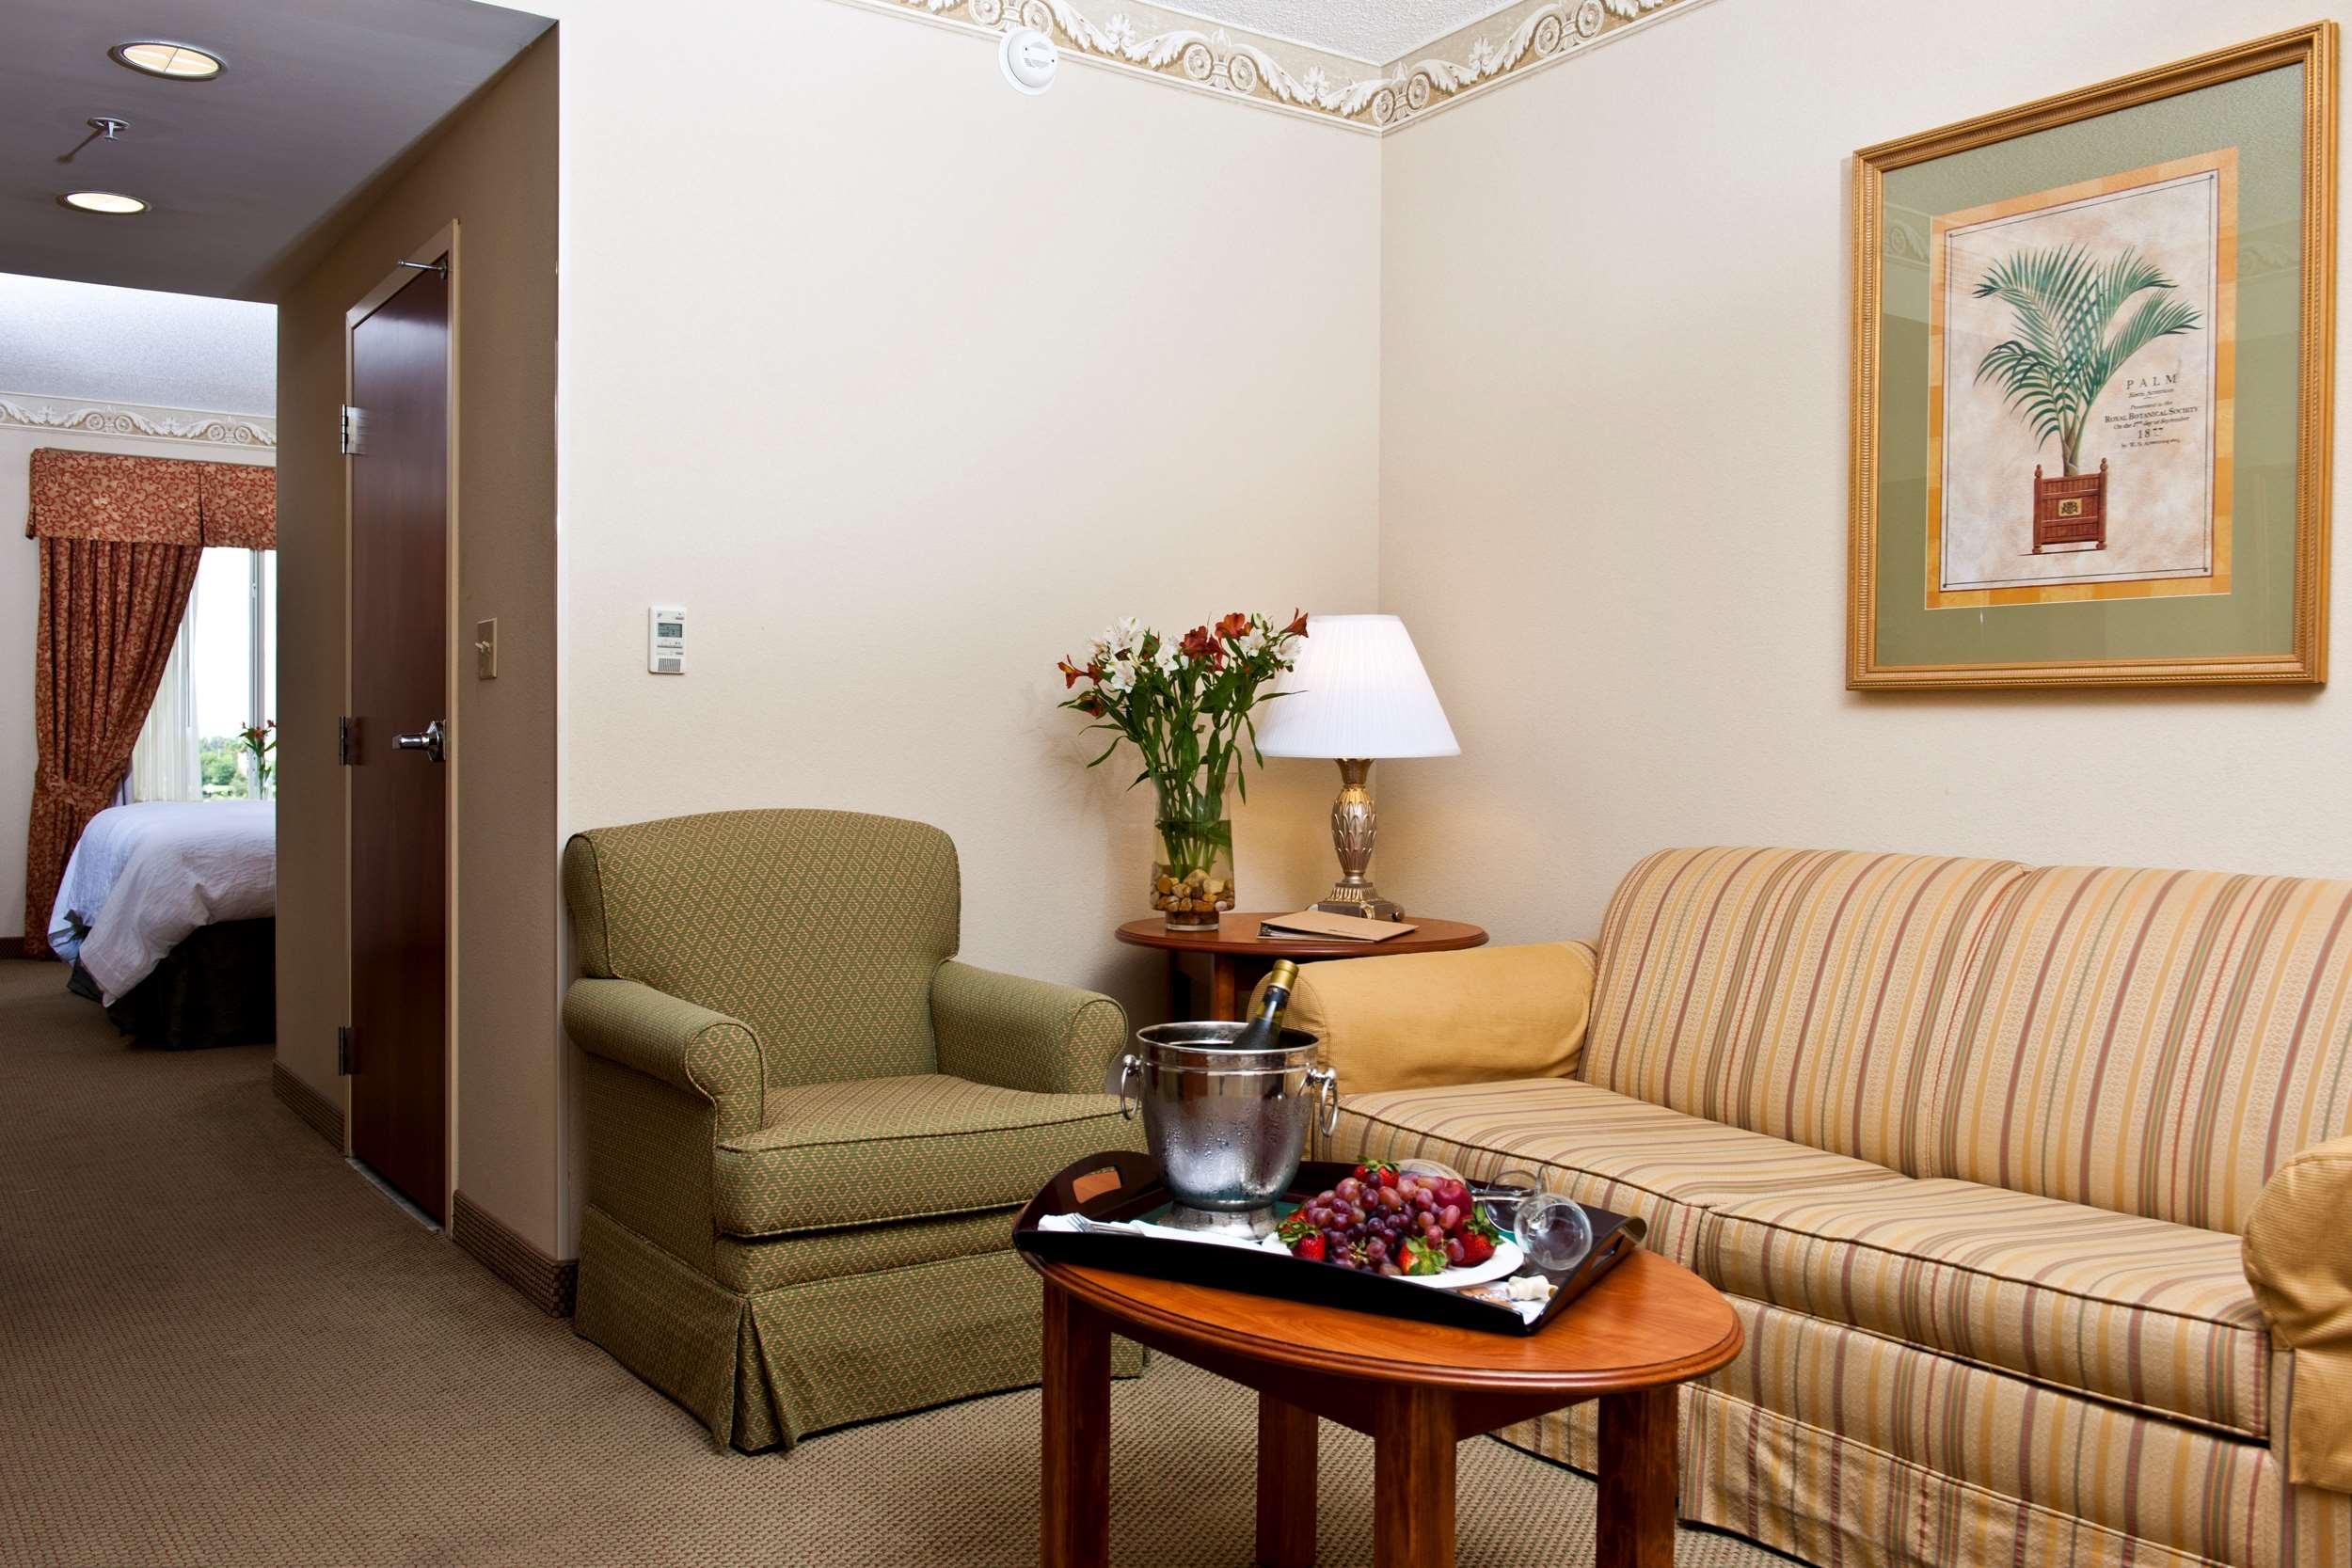 Hilton Garden Inn Boca Raton image 21